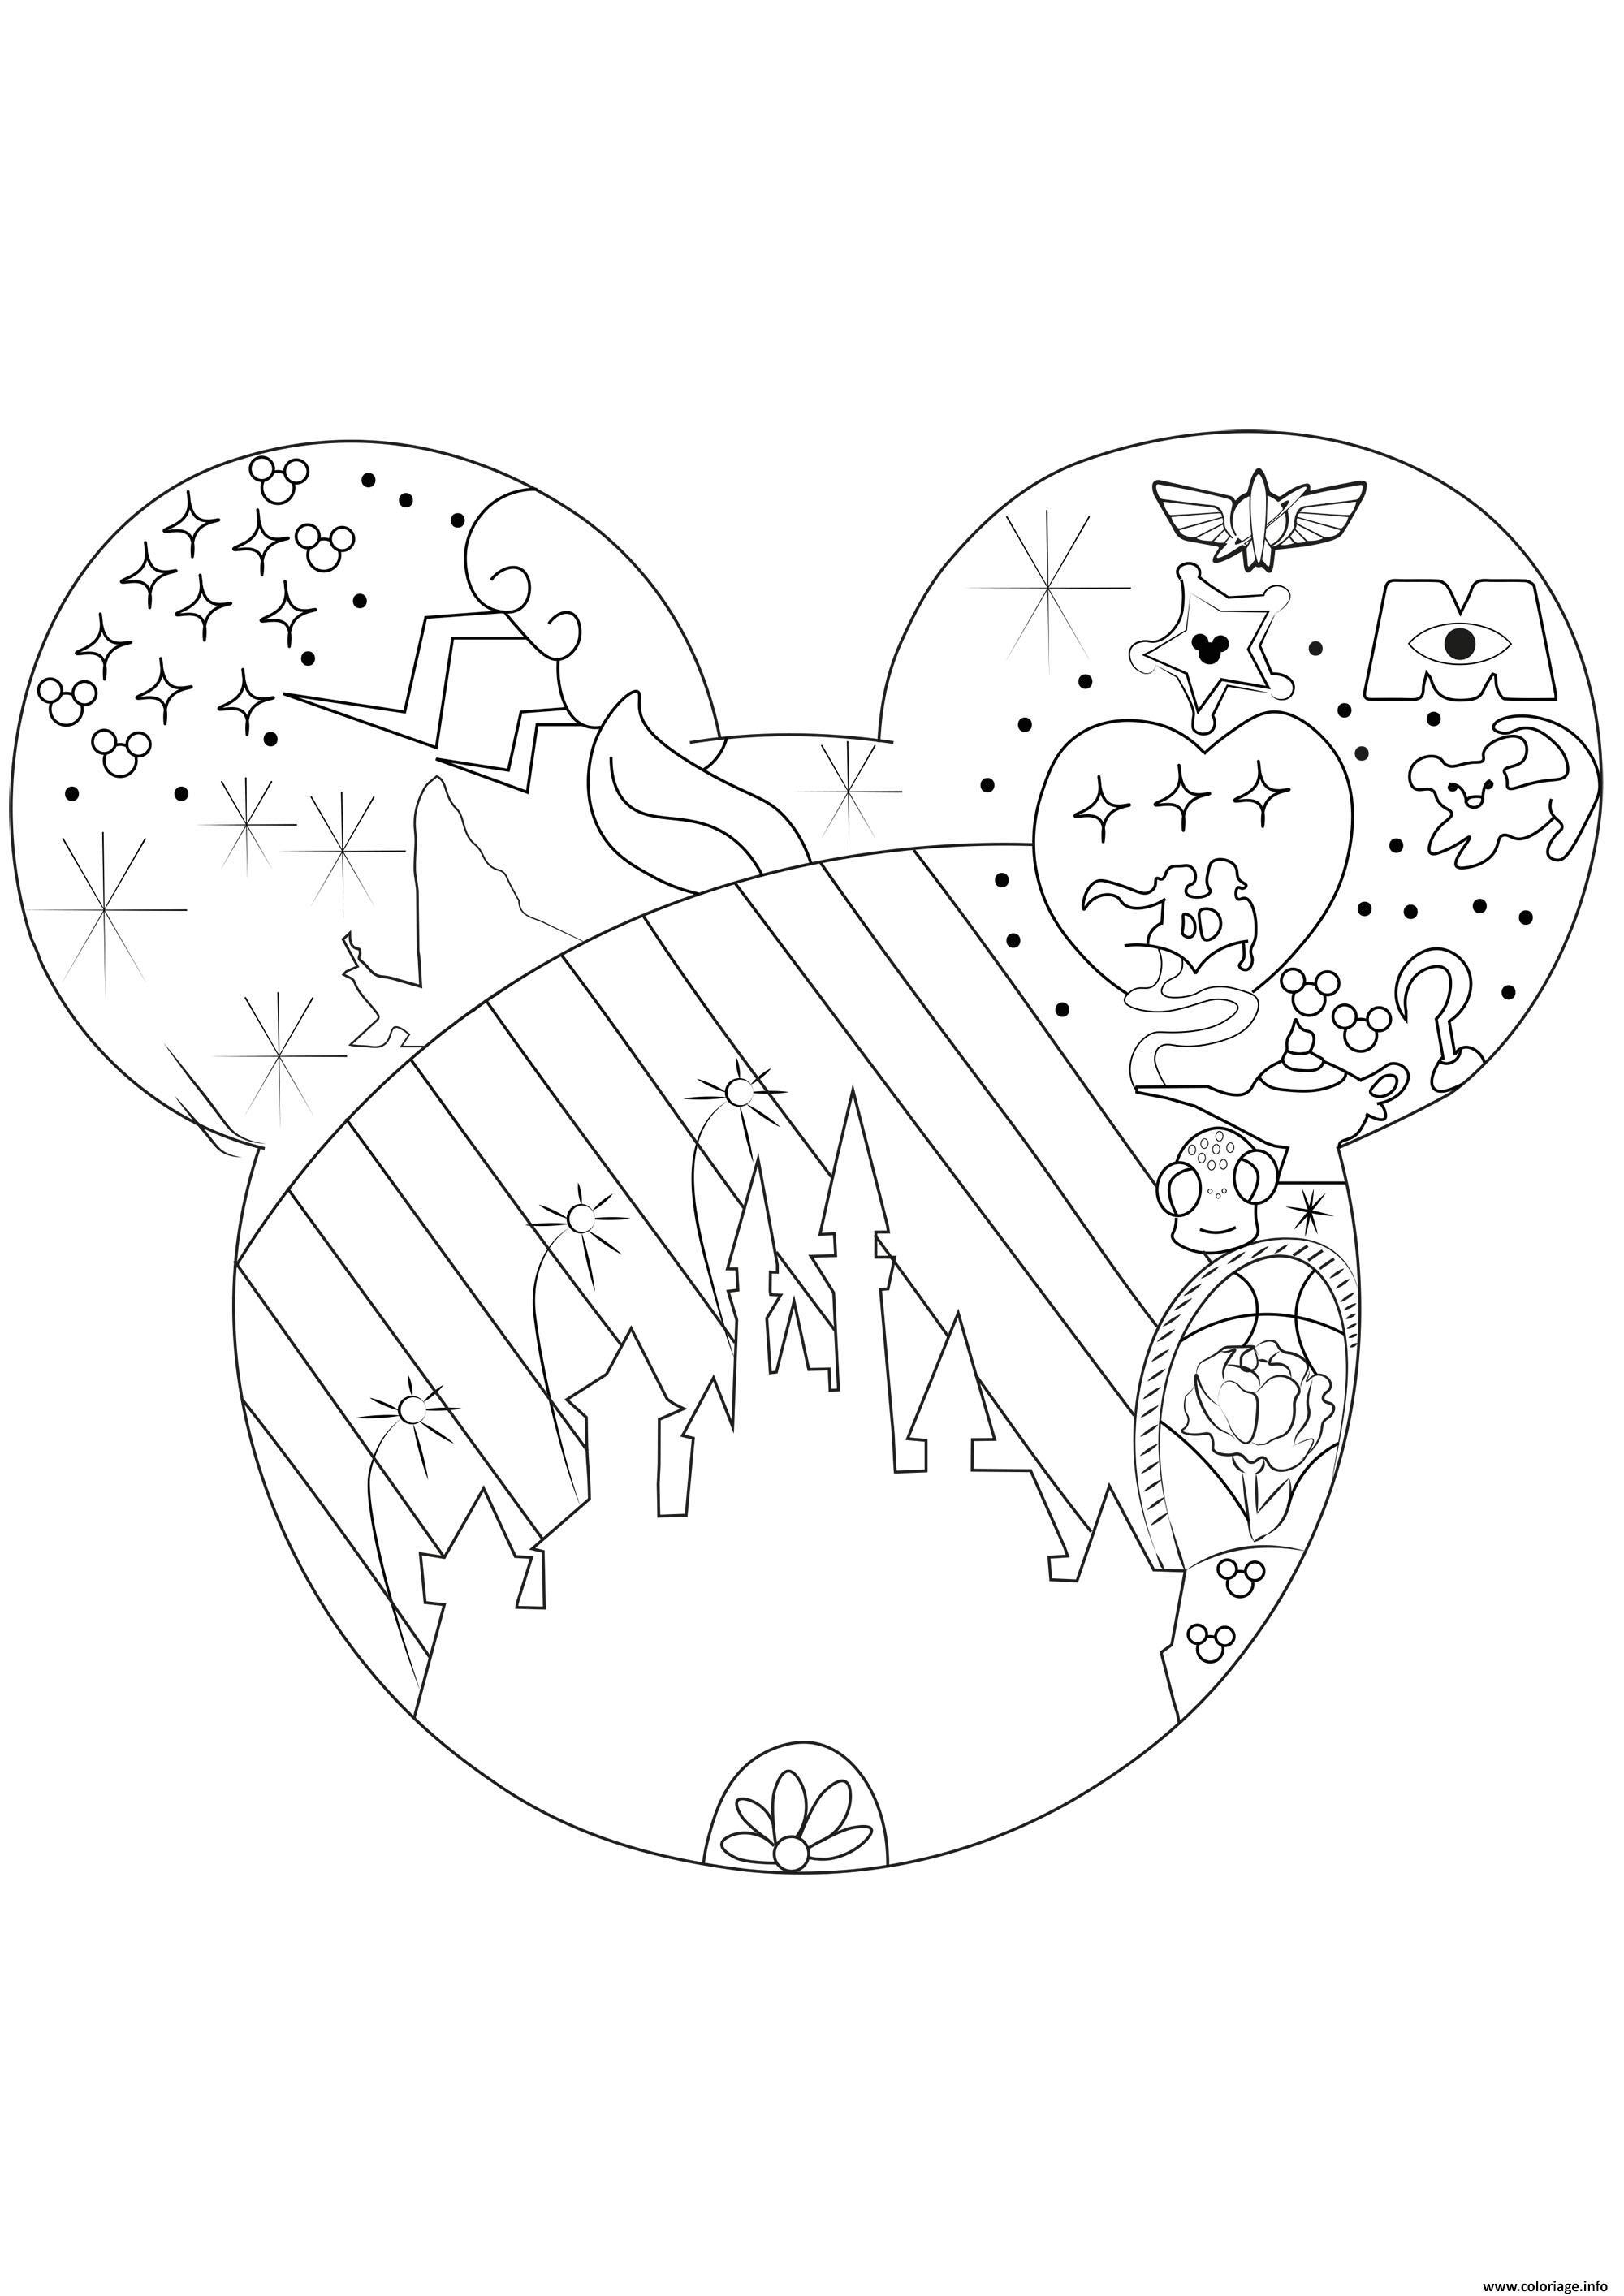 Coloriage Adulte Univers Disney Dessin Disney Adulte A Imprimer